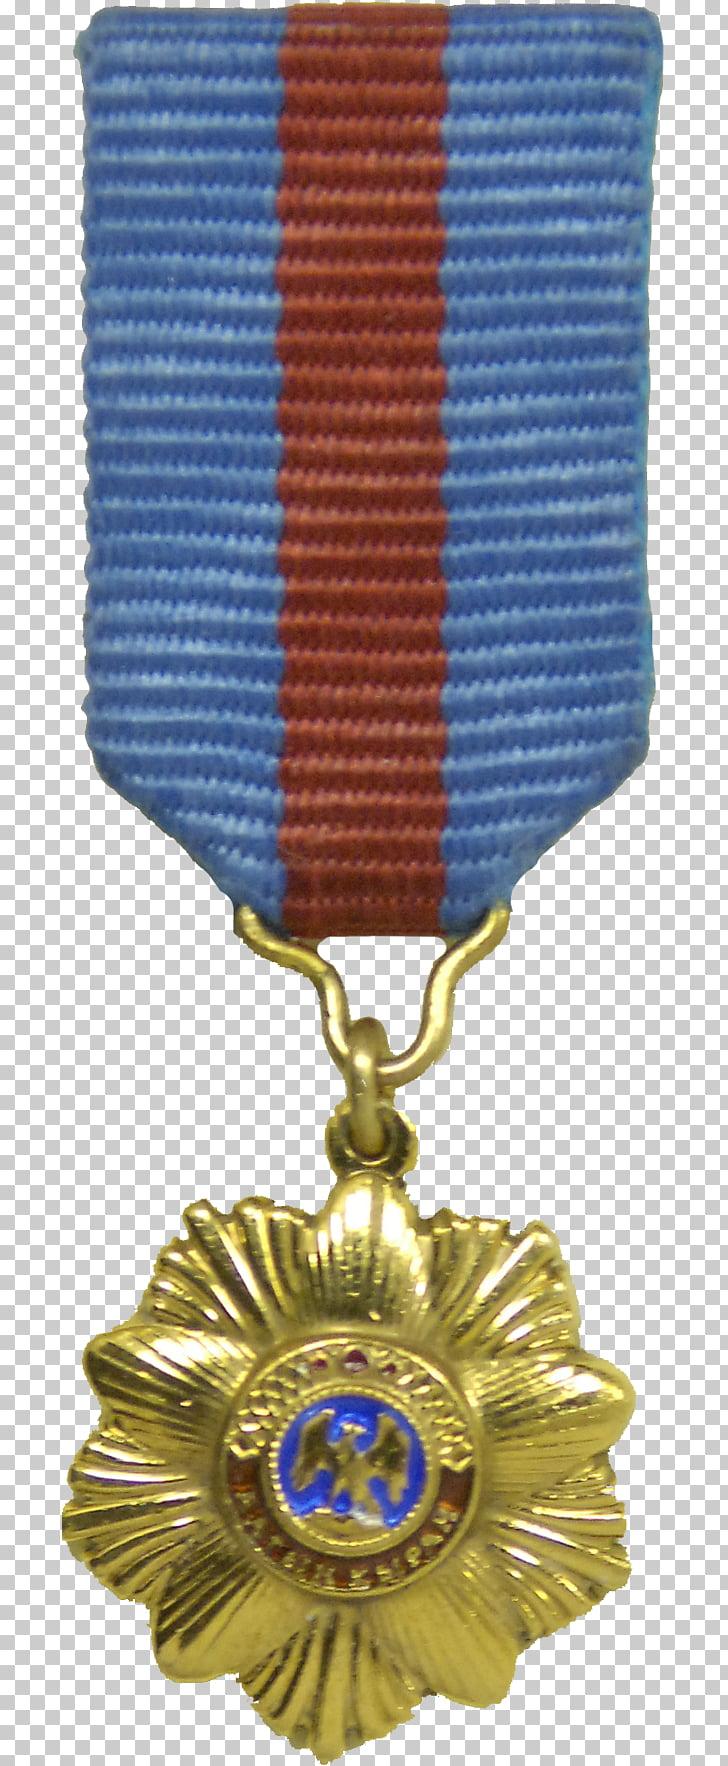 Kazakhstan Order of the Golden Eagle Oryol Order of Otan.